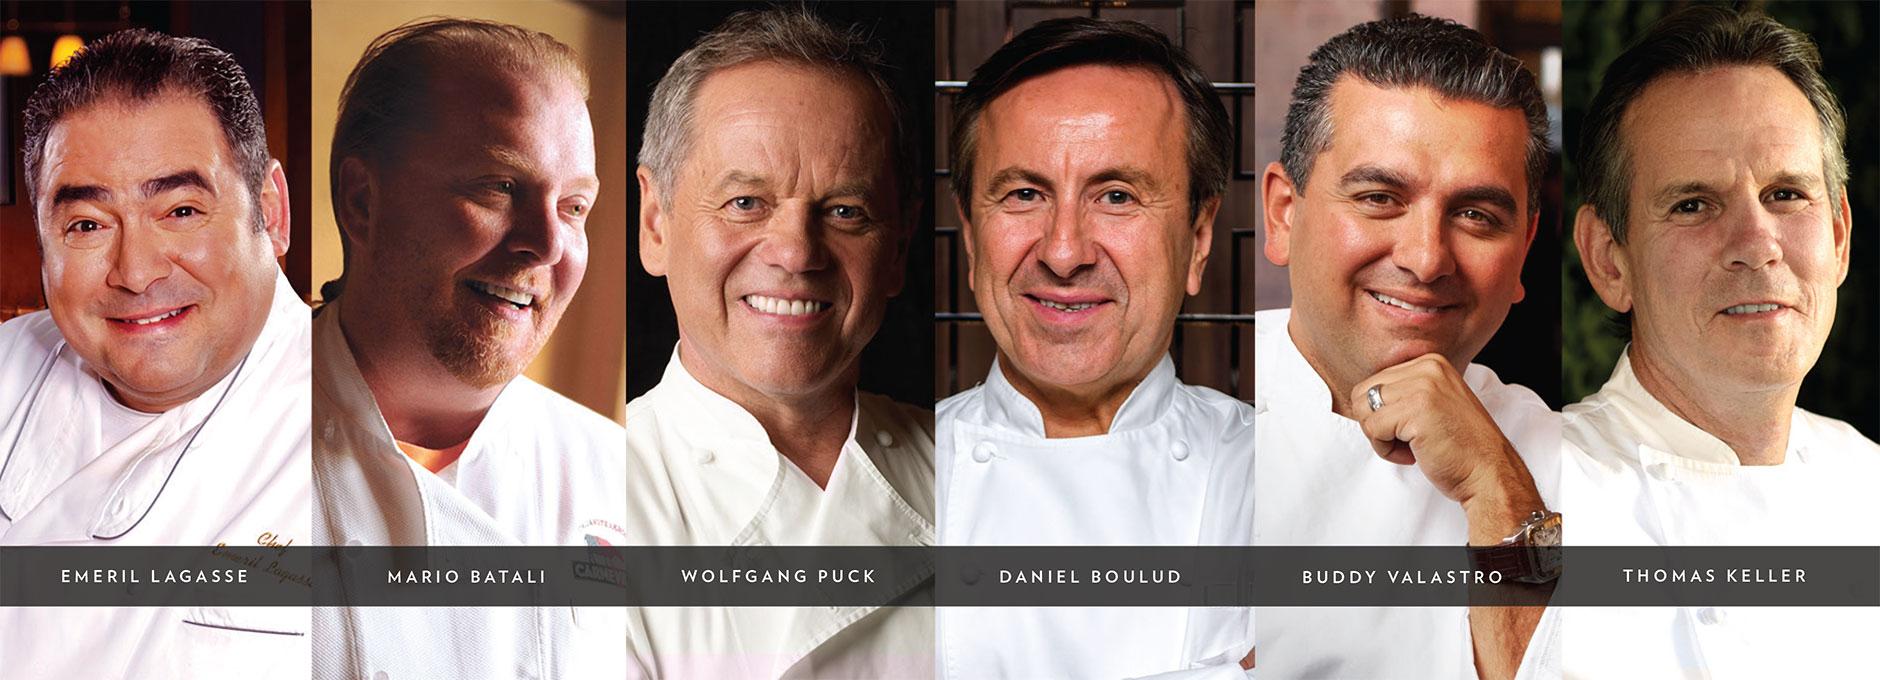 Vegaster 7 Vegas Celebrity Chefs